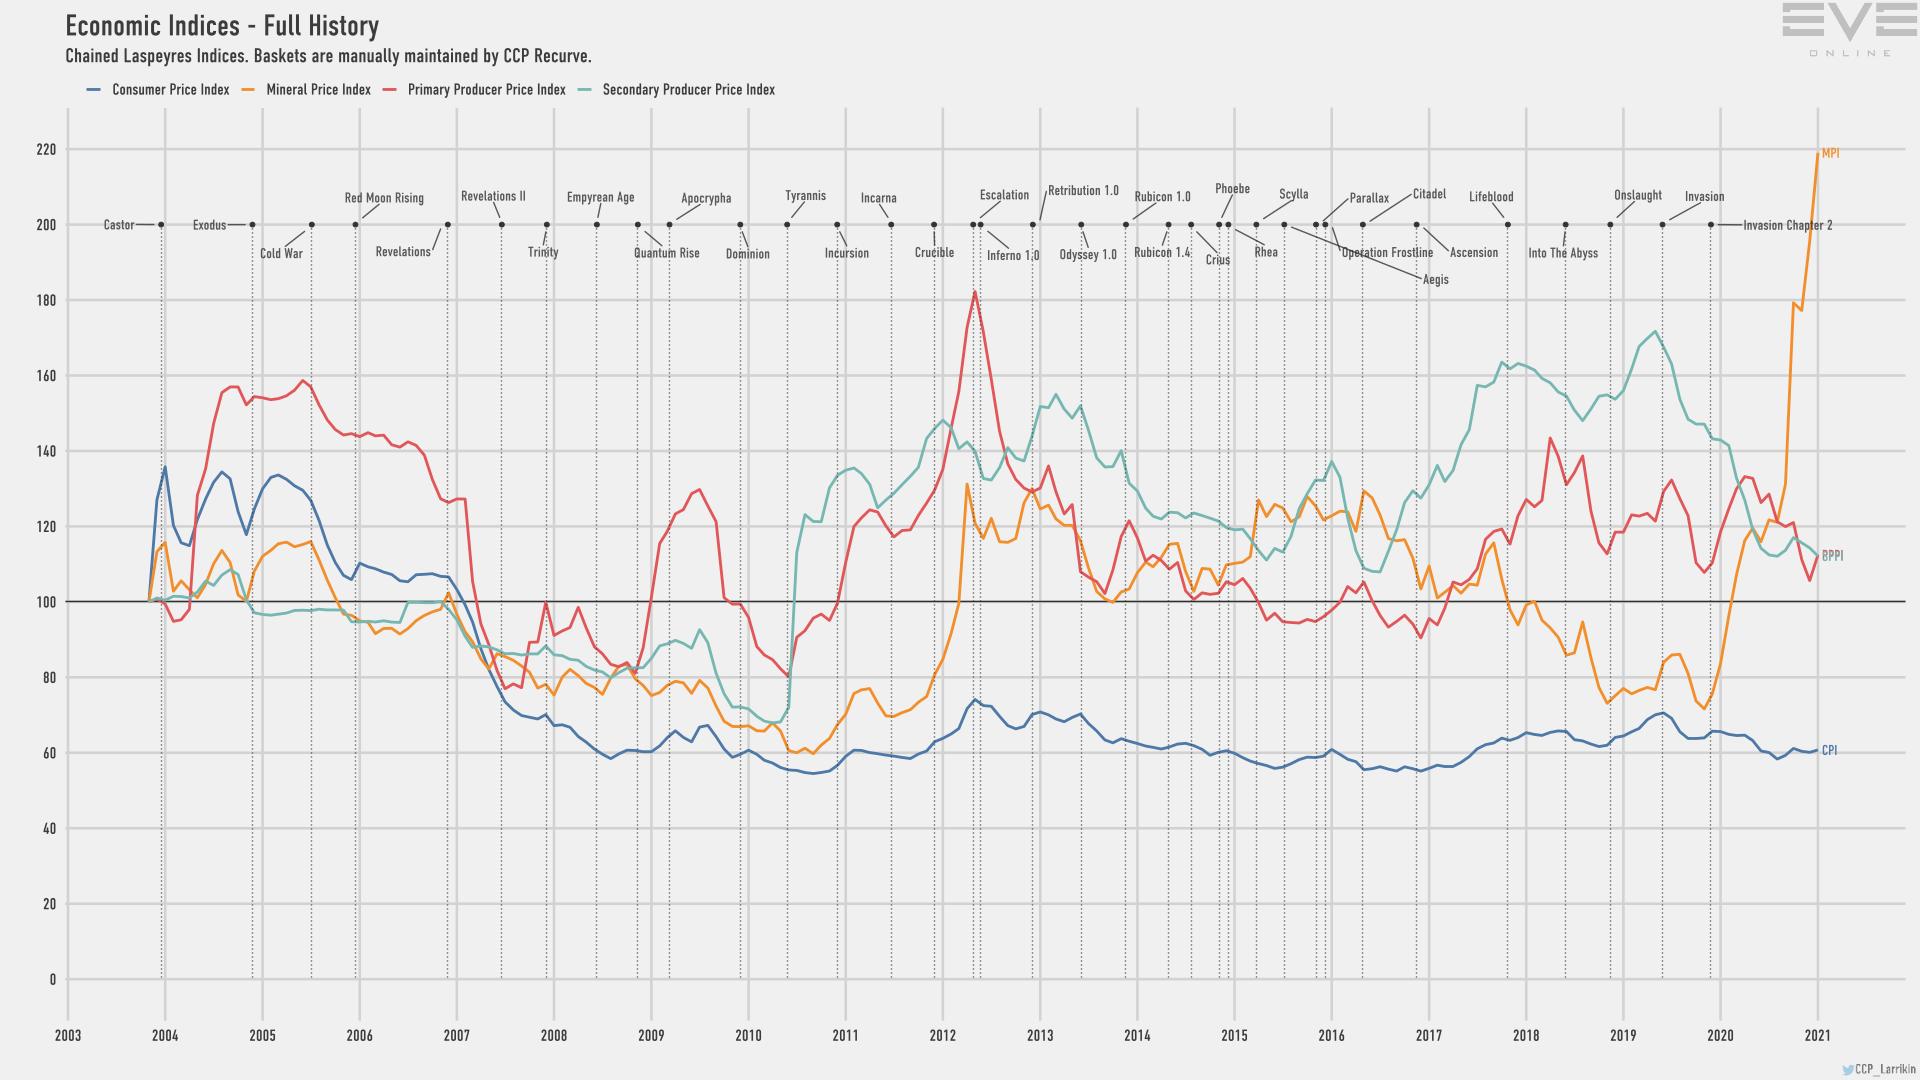 Jan2021 Economy Indices